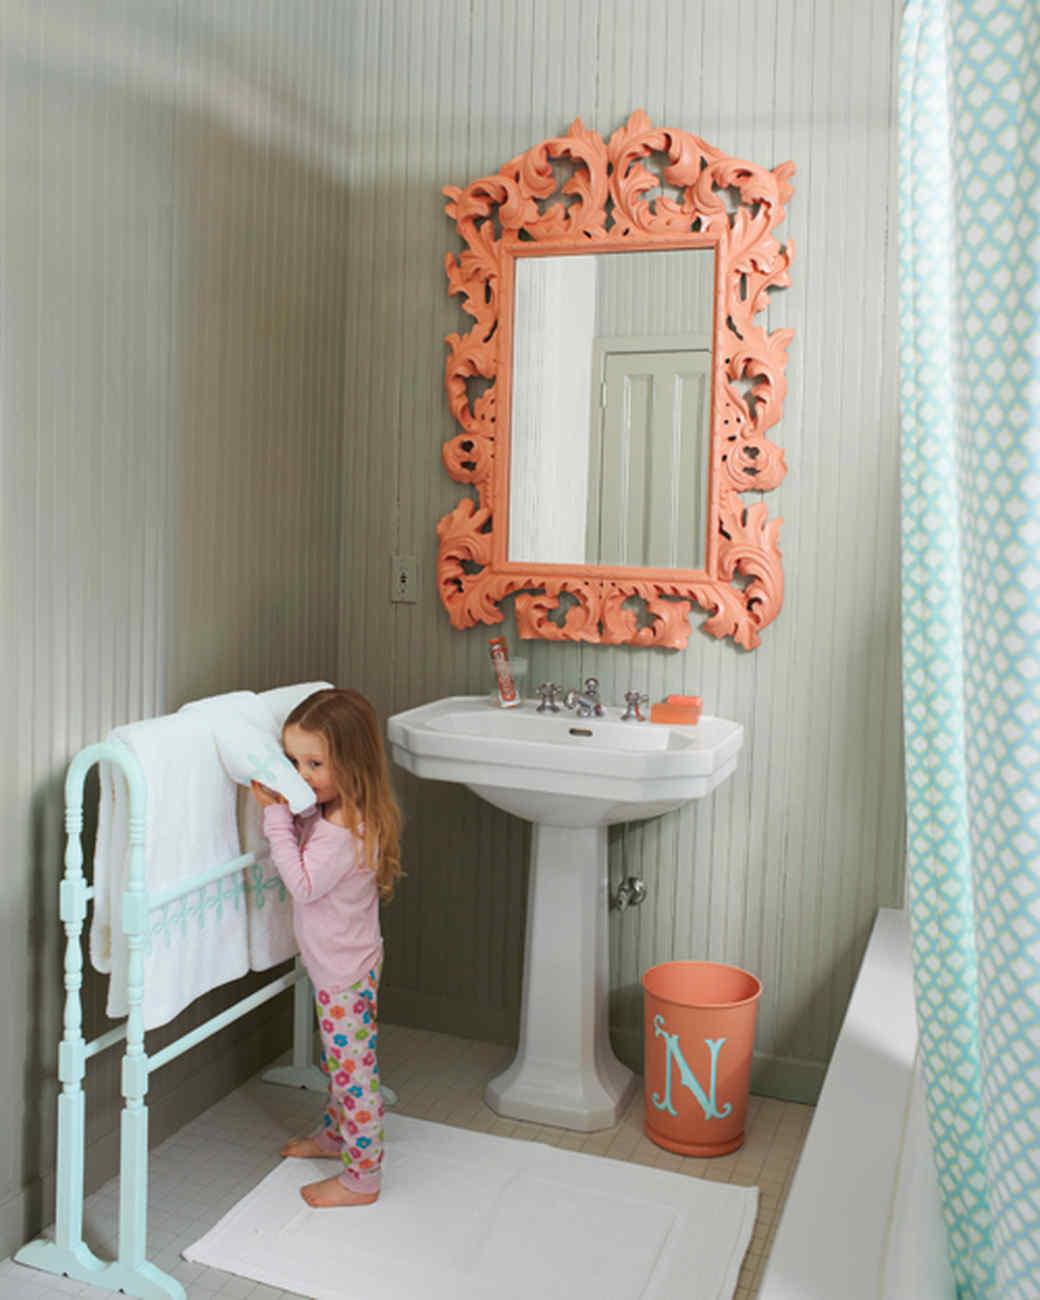 mld105713_0510_bathroom_0101.jpg